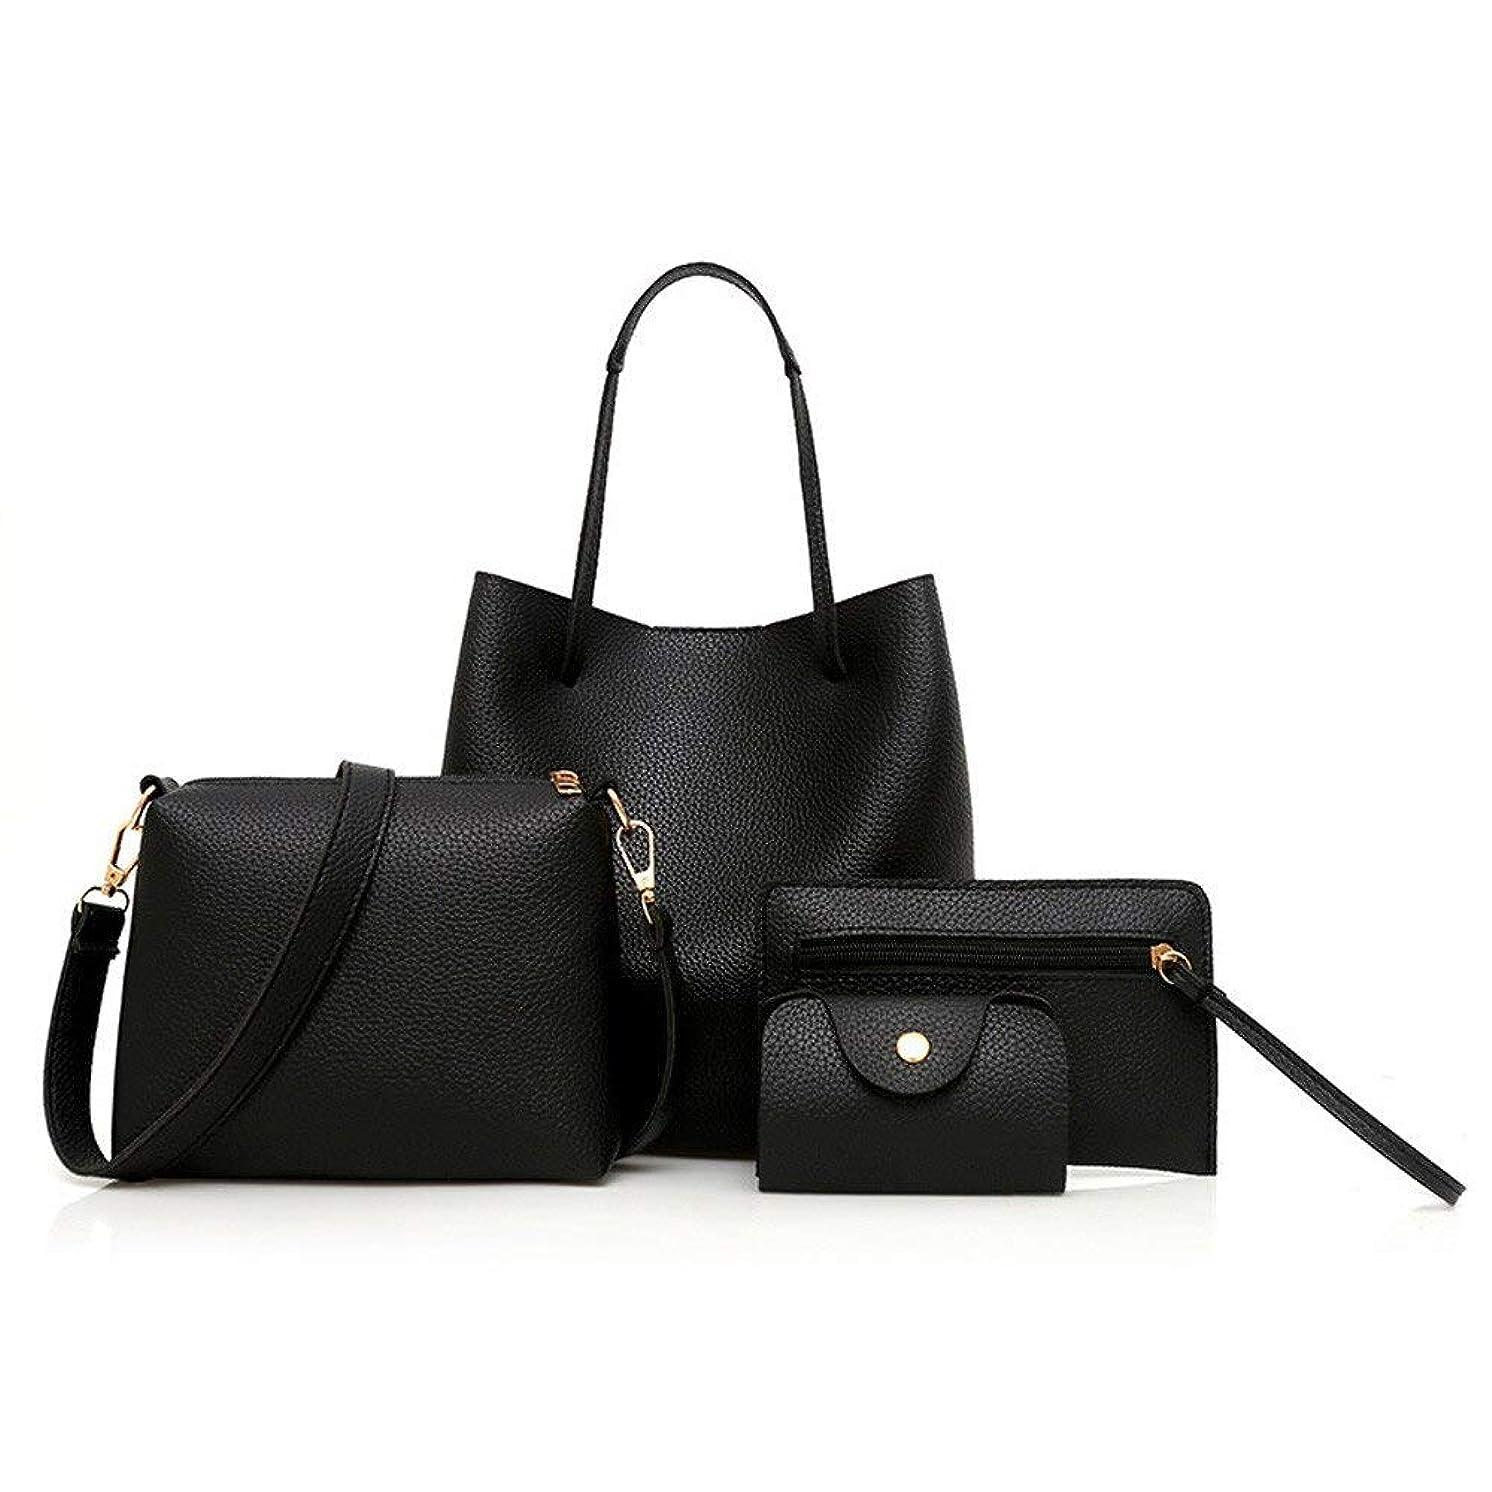 動く具体的に活性化するLPP4 ピース女性のバッグ 2019 新しいパターン革ハンドバッグトートレディース財布高品質ショルダーバッグレディーススモールクラッチクロスボディバッグ小銭入れ 小さい